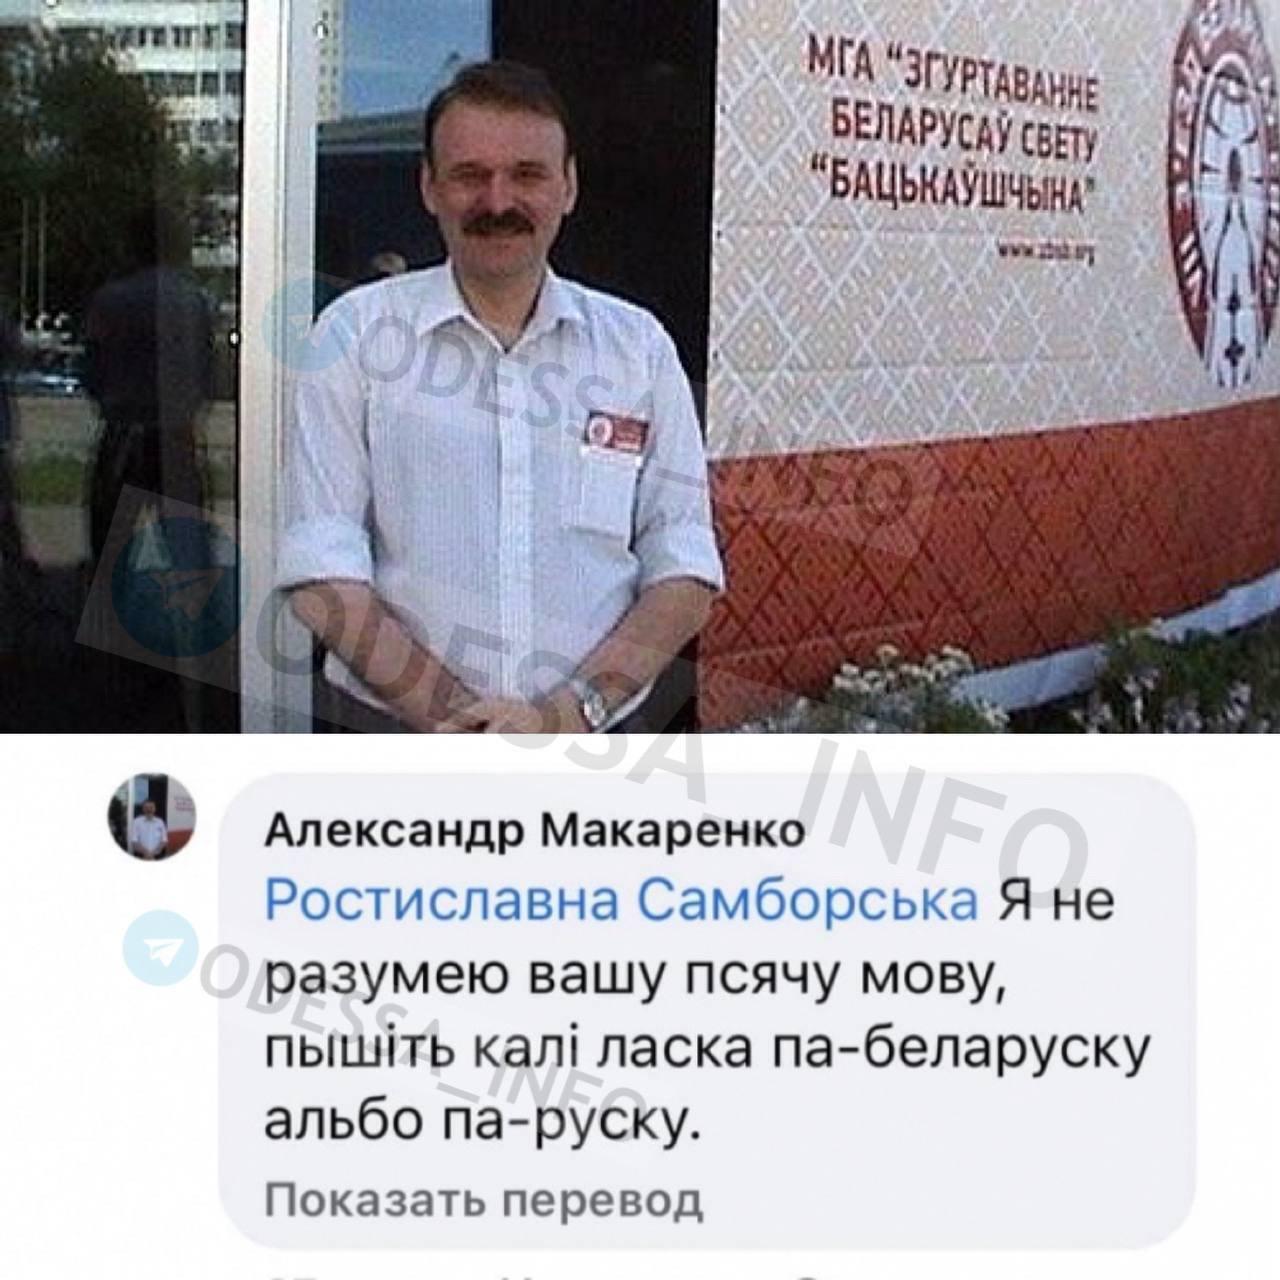 Викладач з Одеси обізвав українську мову.